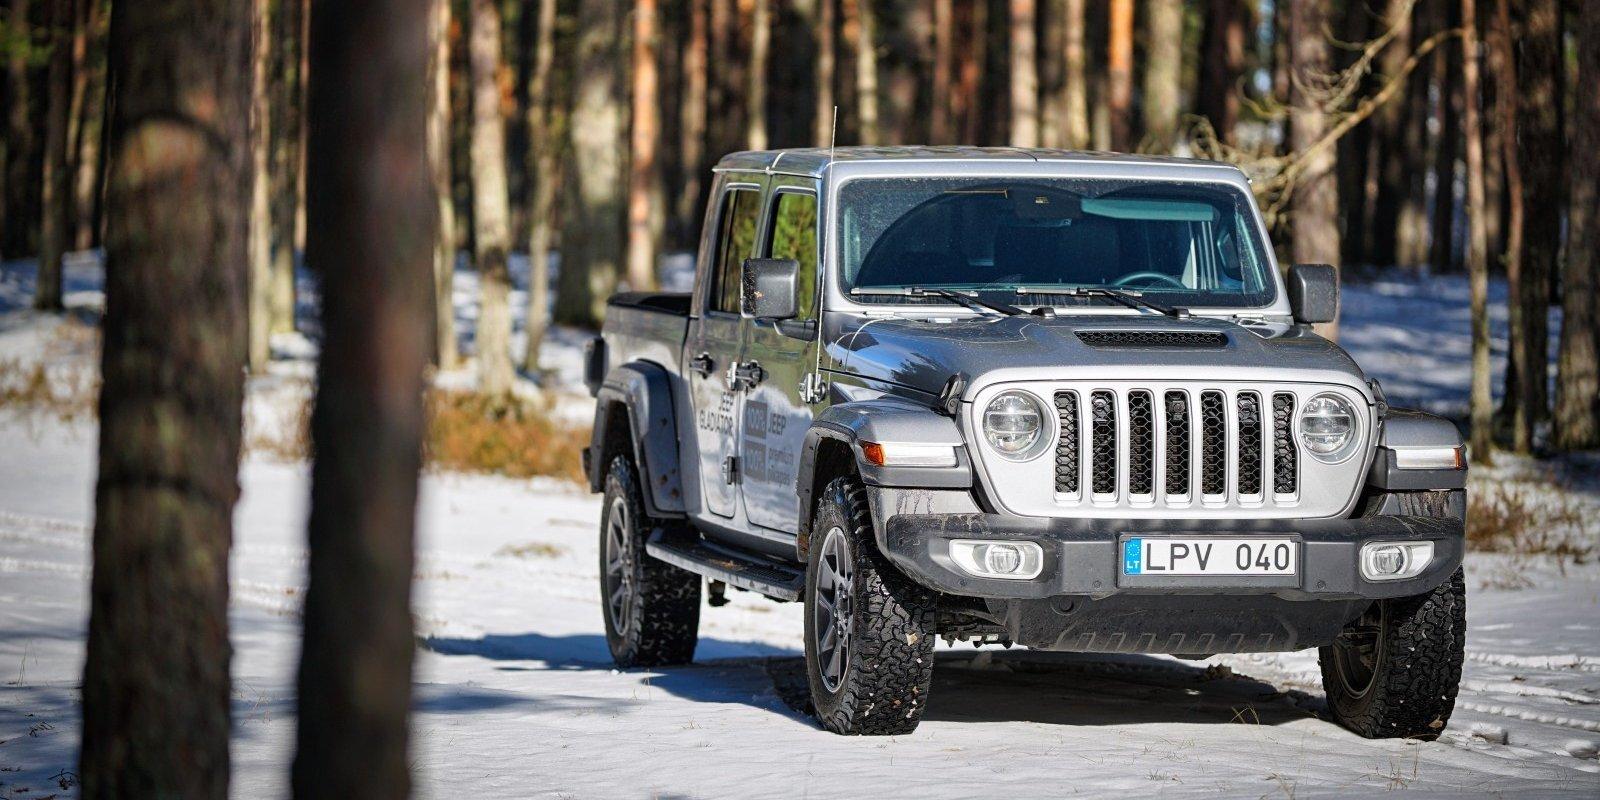 Gladiators bez cienīga pretinieka – 'Jeep' ieradies Eiropā ar savu pirmo pikapu